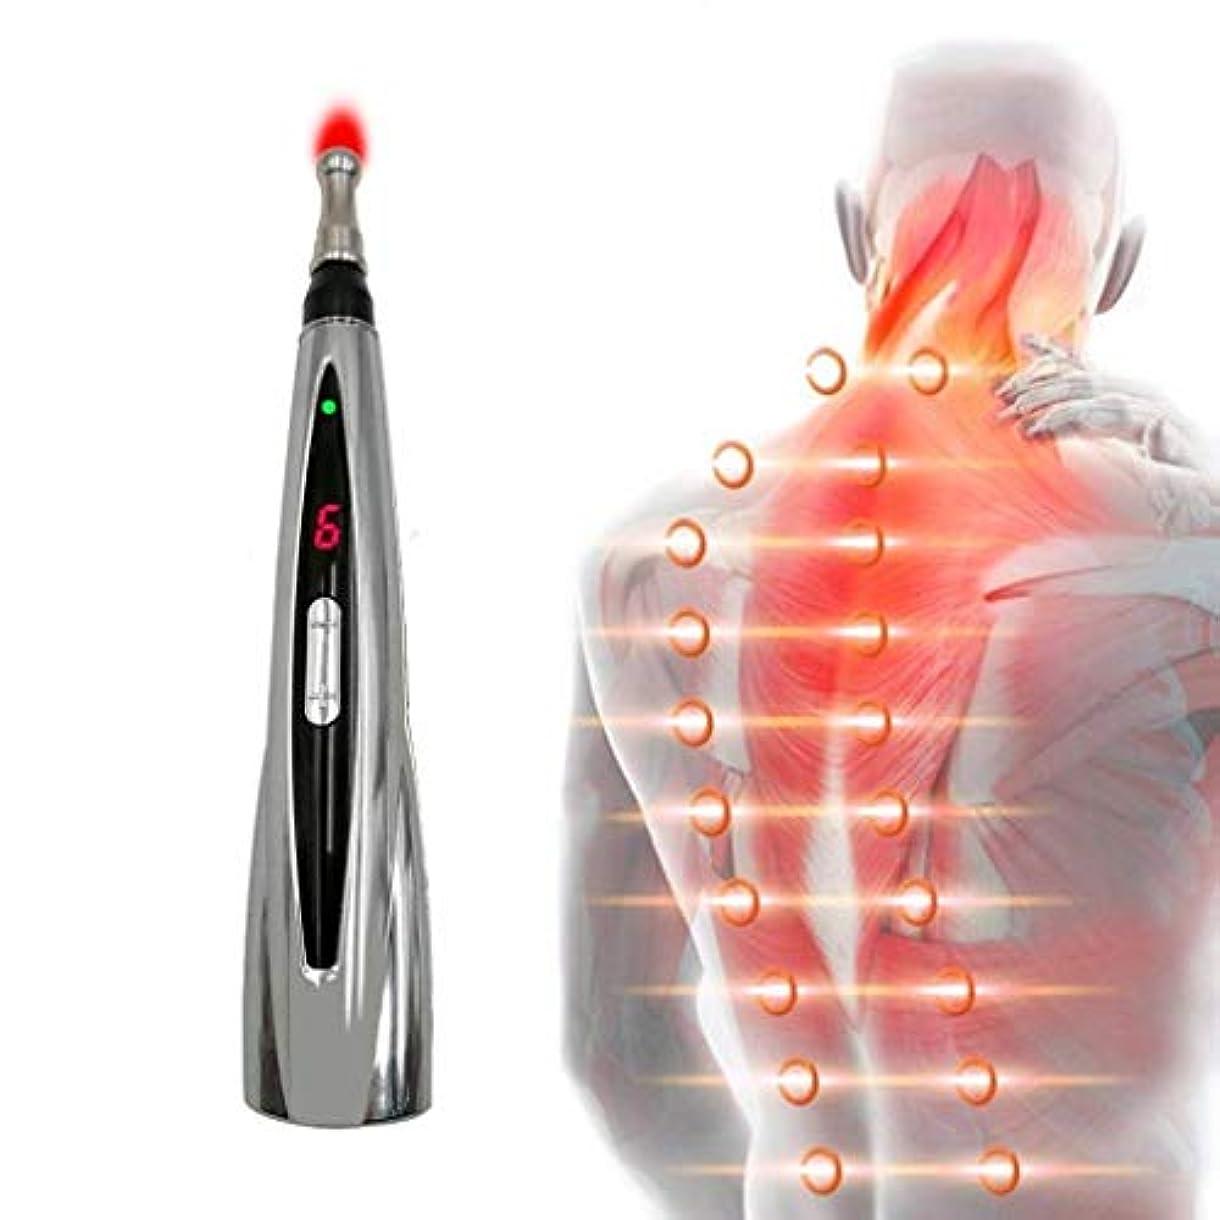 痛み正当化する爆風鍼治療ペン、エネルギーパルス指圧スティック、ホームマッサージャー、経絡edge器、電子鍼治療ペン、痛みを和らげ、ヘルスケア